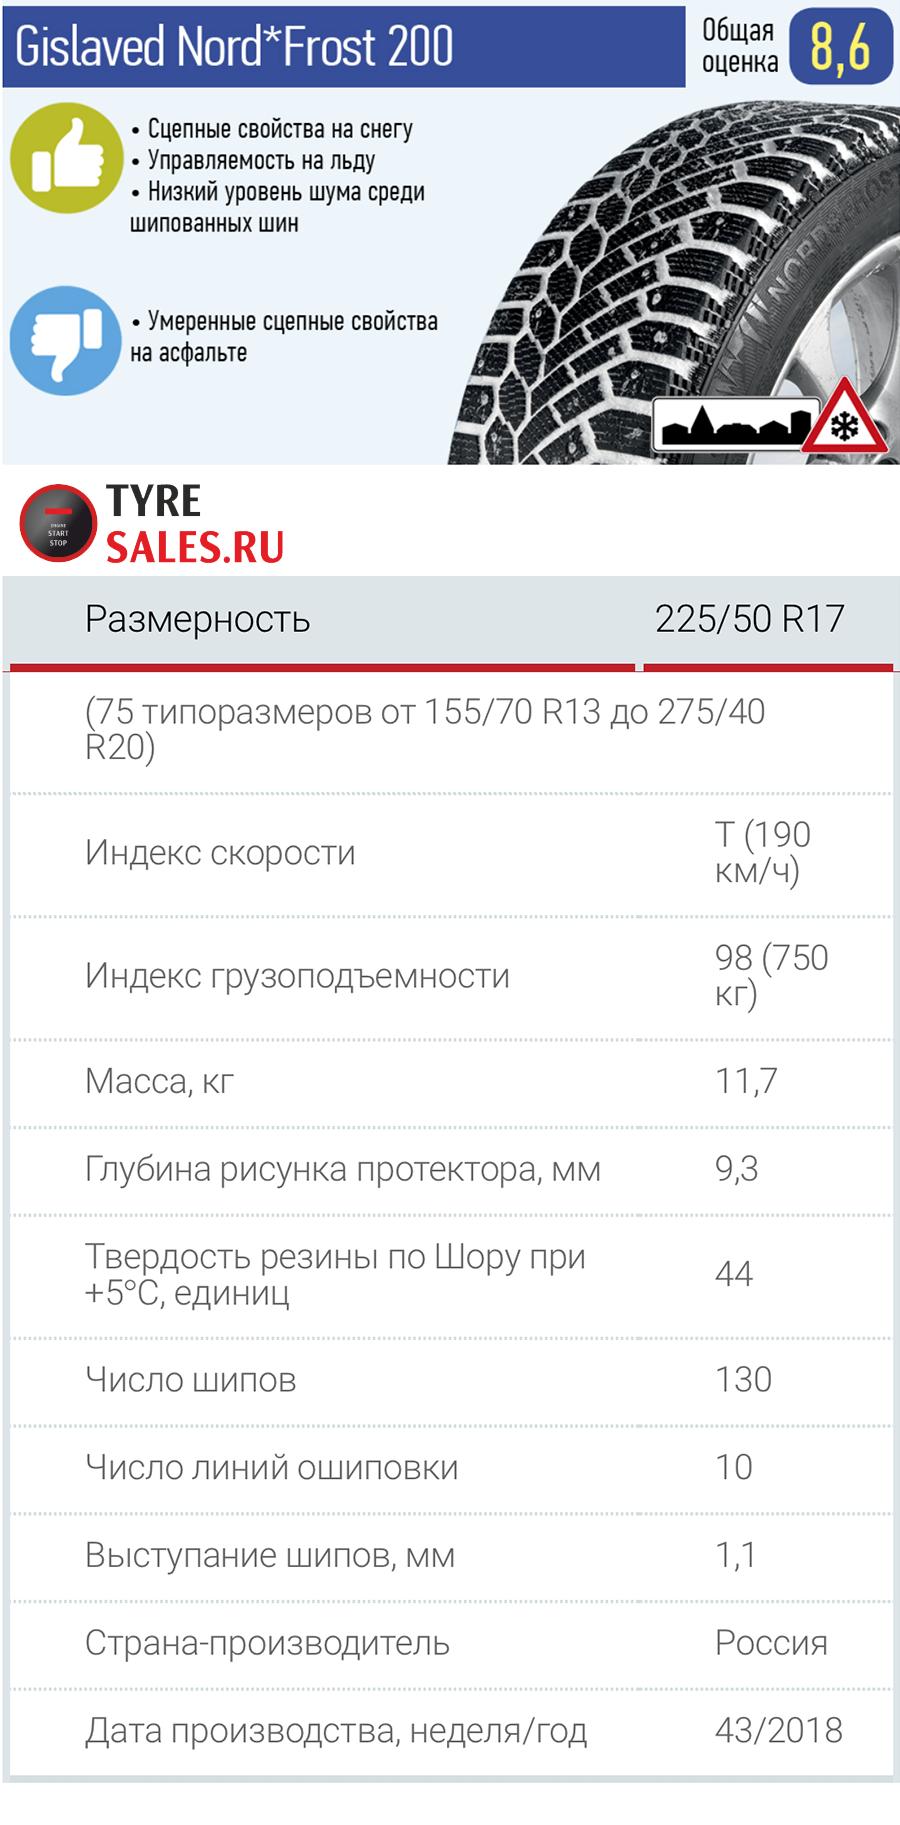 Рейтинг зимней резины 2018 2019 для кроссоверов